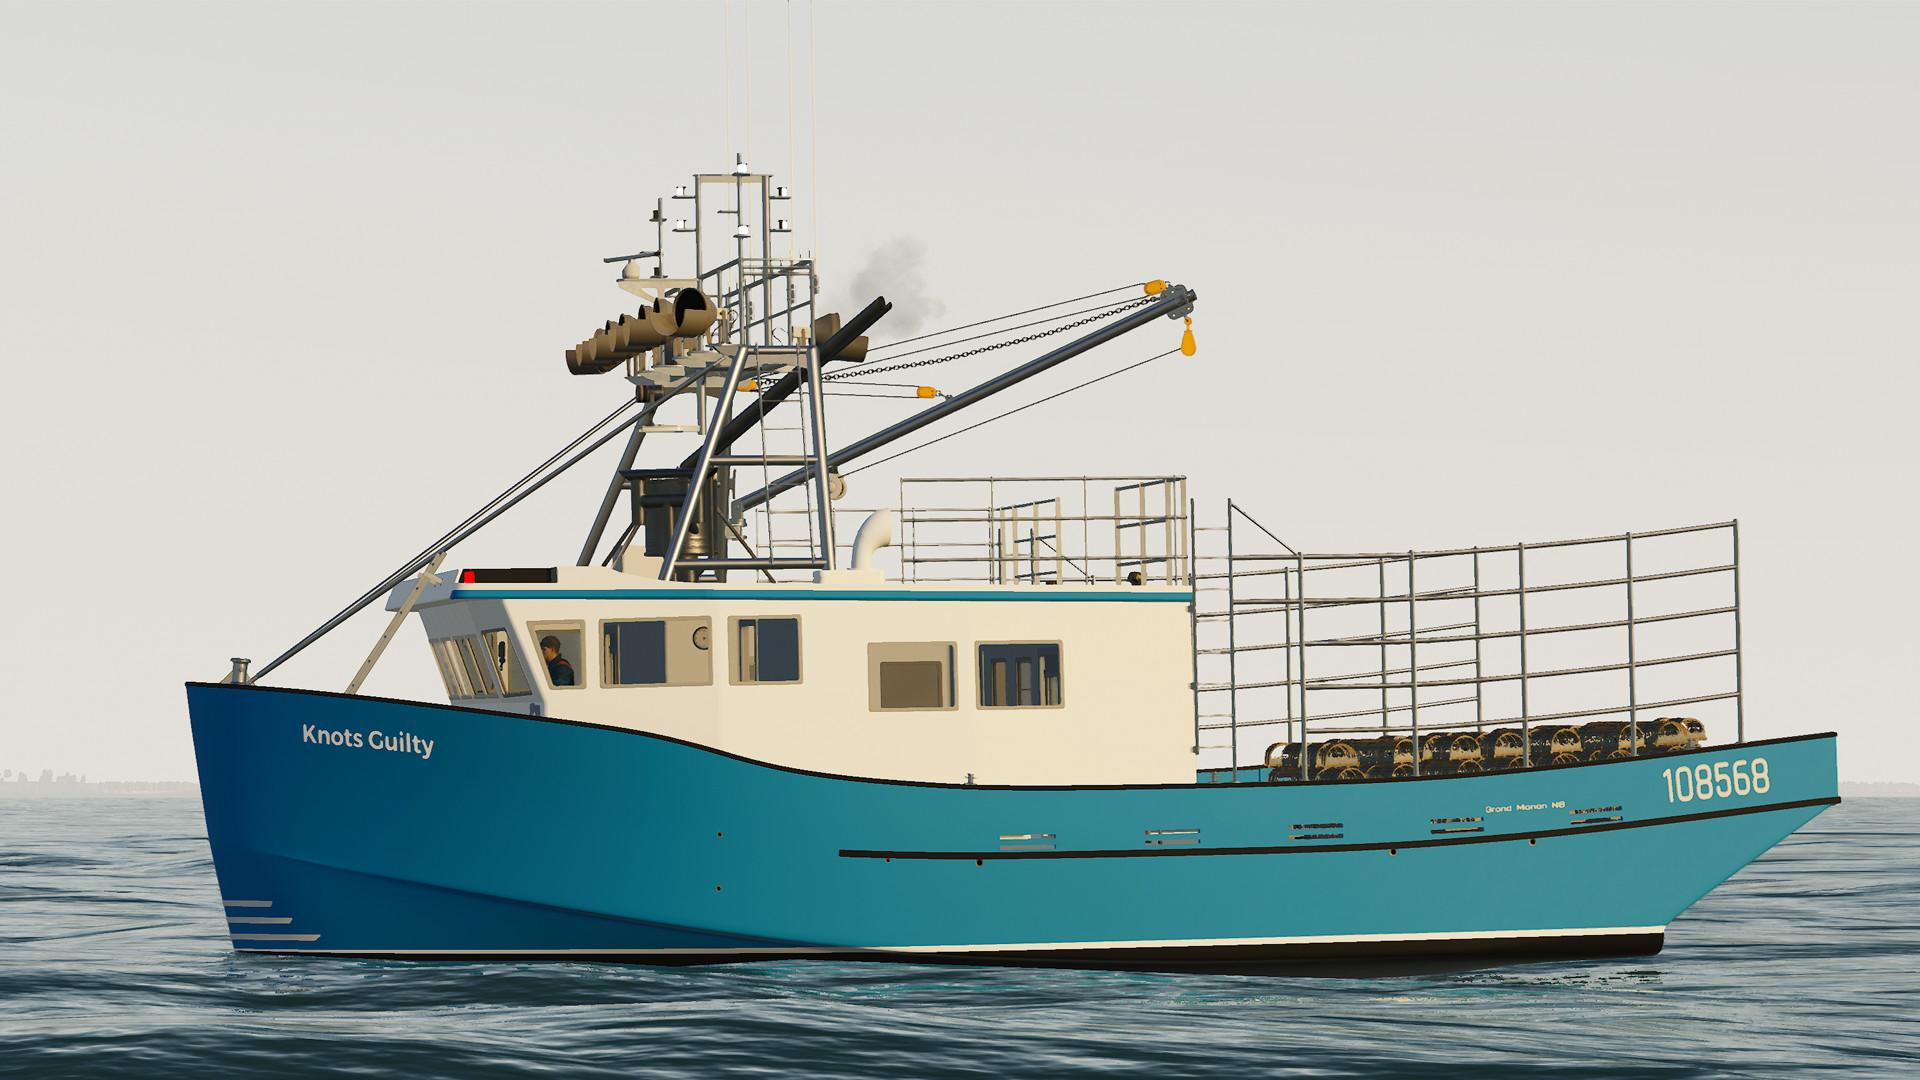 钓鱼:北大西洋/Fishing: North Atlantic